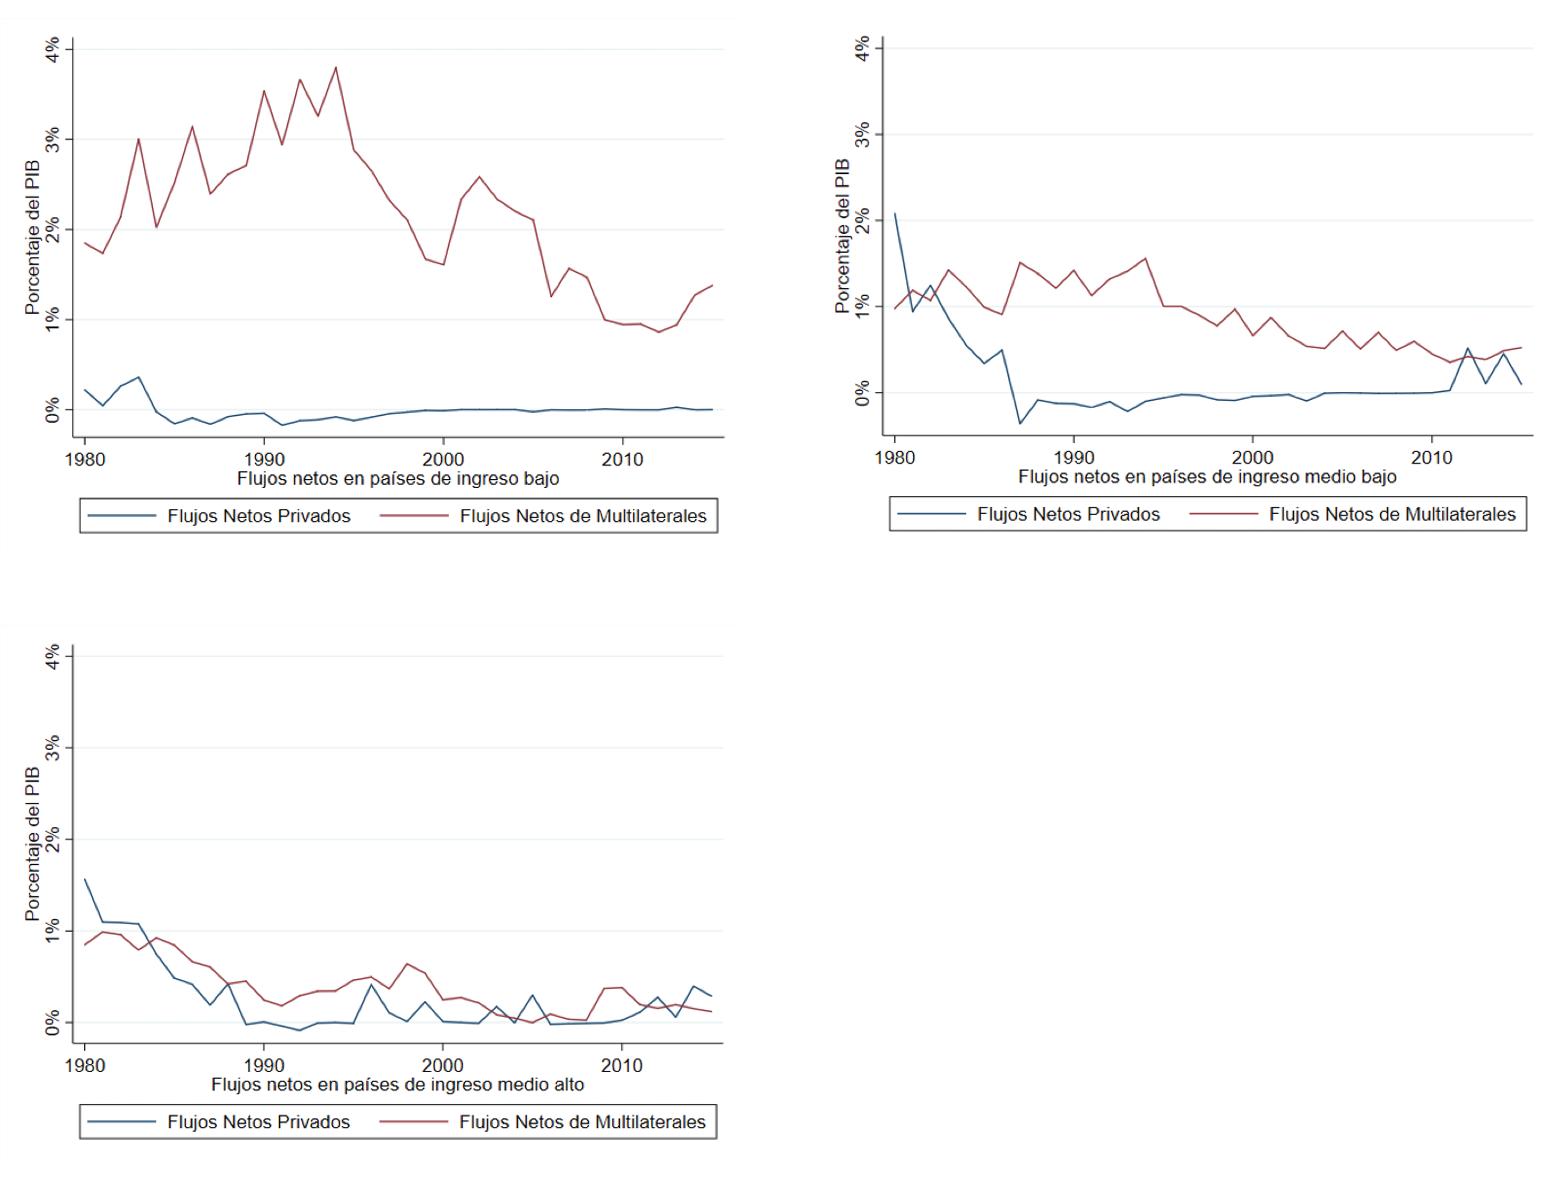 Dinámica de los flujos netos por grupos de ingreso